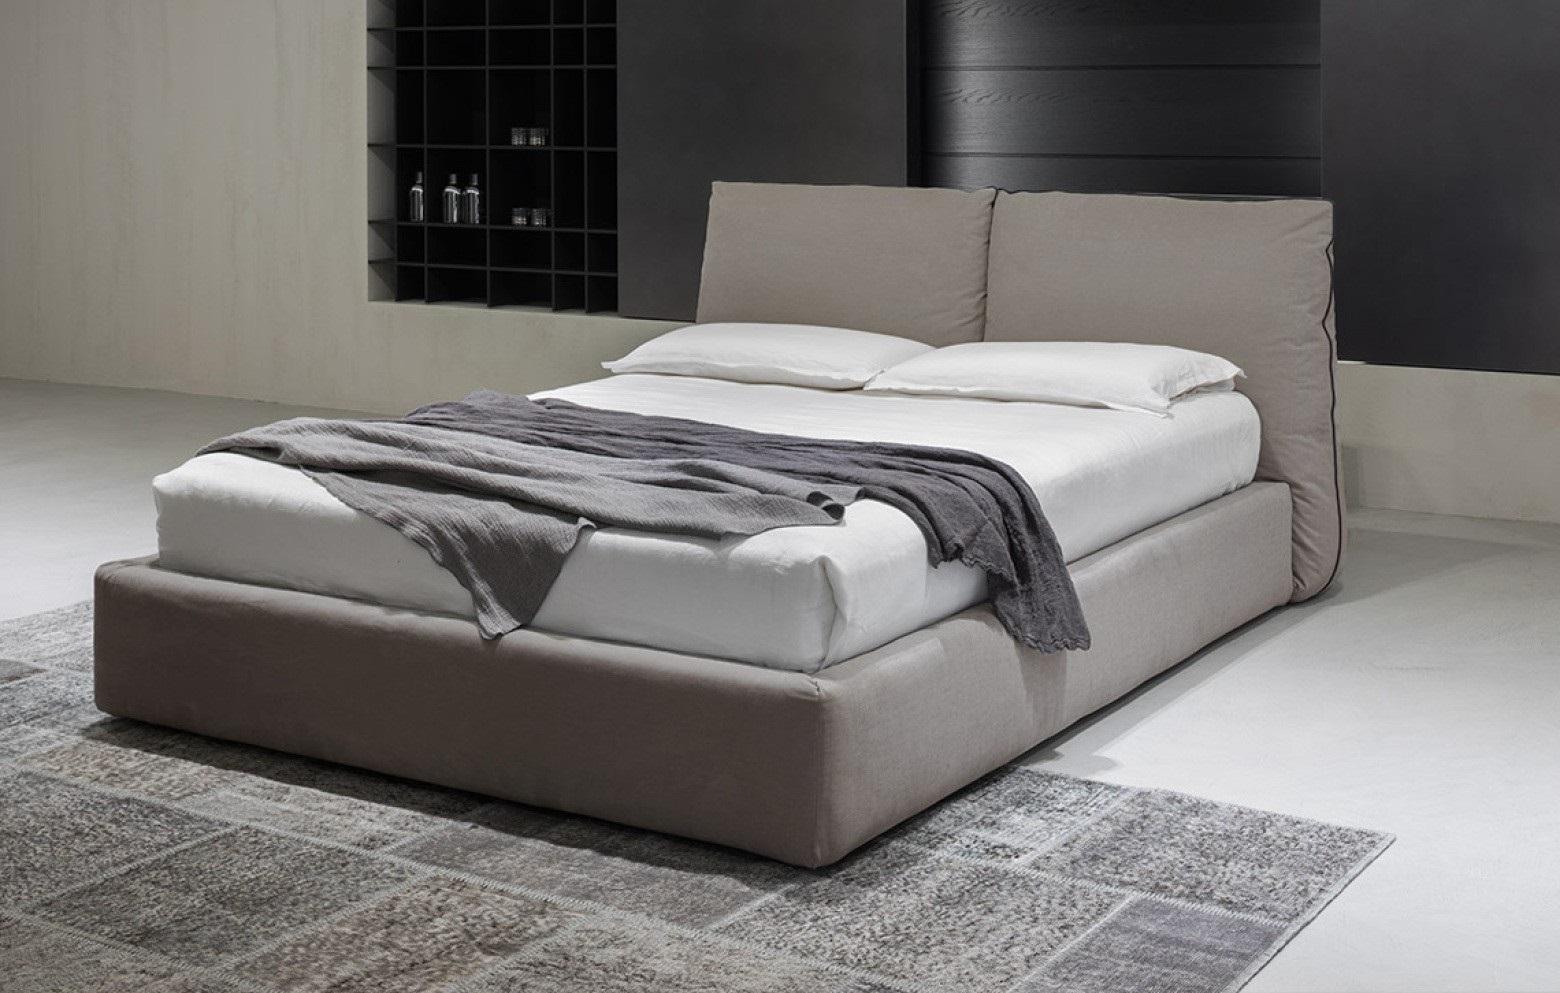 Full Size of Bett Doppelbett Flexa Betten Schramm Einfaches Selber Zusammenstellen 120x200 Oschmann Mit Rückenlehne Wasser Mädchen Französische 140x200 Günstig Kopfteil Bett Bett 200x180